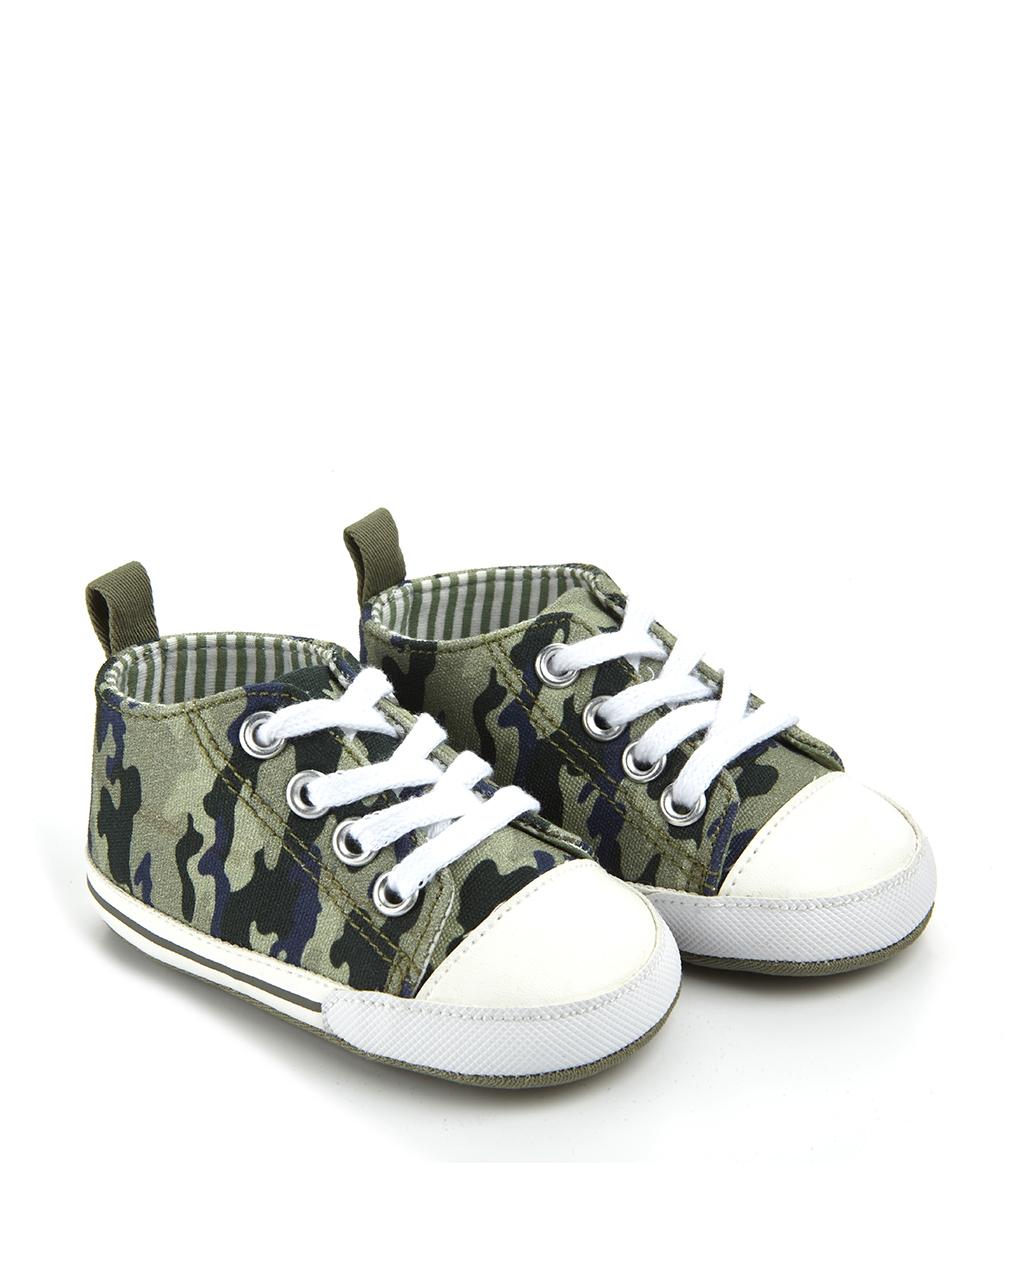 Βρεφικά Παπούτσια Αγκαλιάς για Αγόρι